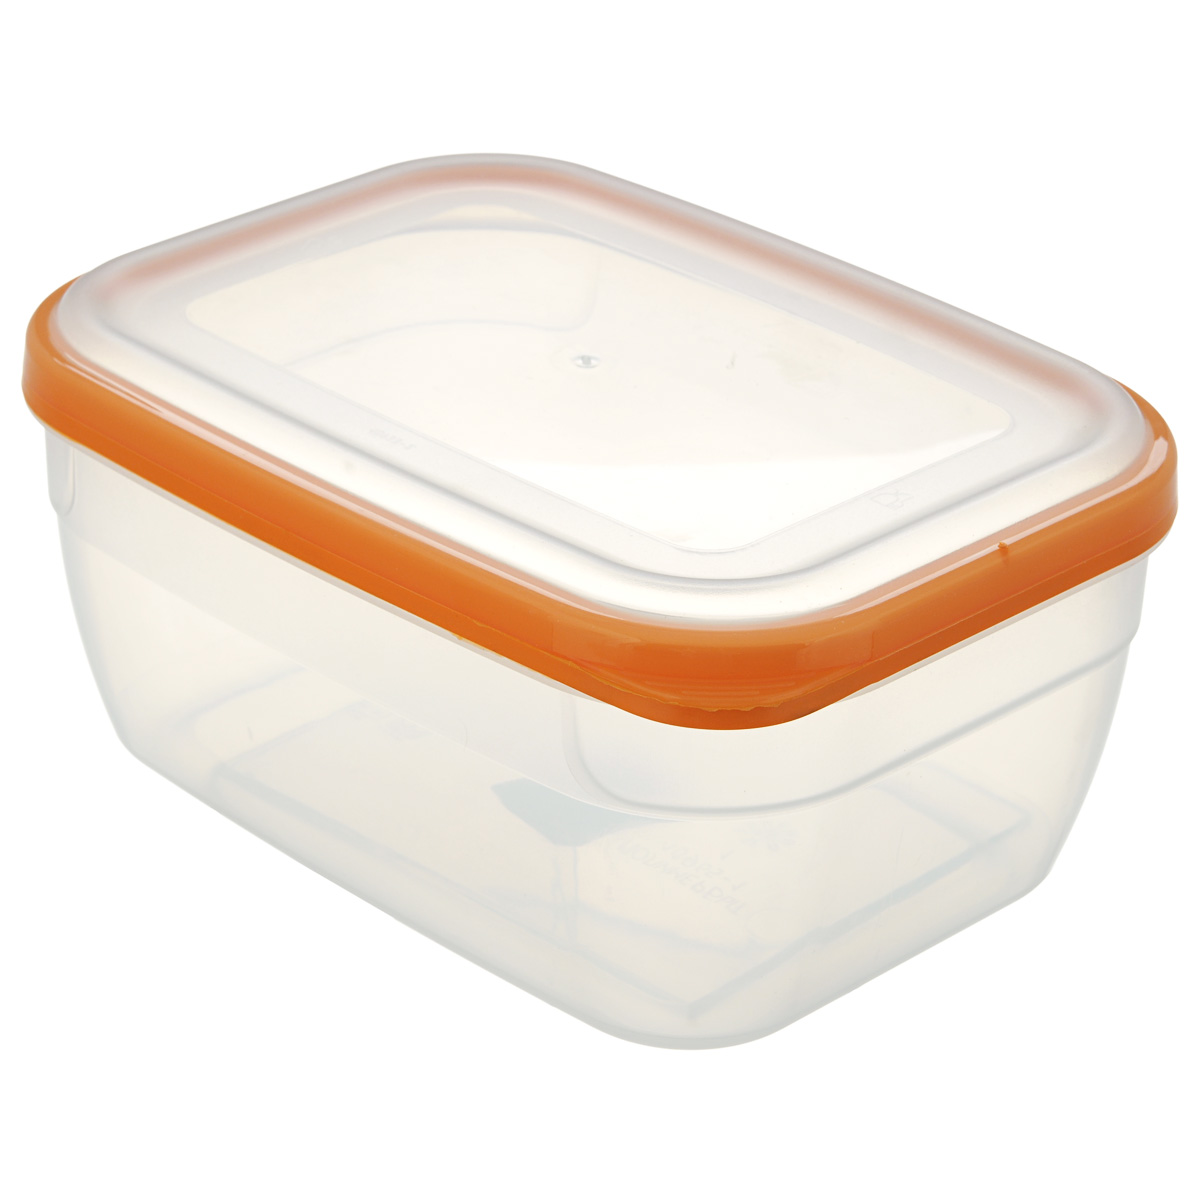 Контейнер для СВЧ Премиум, цвет: оранжевый, 1,8 л310540Пищевой контейнер предназначен специально для хранения пищевых продуктов. Крышка легко открывается и плотно закрывается. Устойчив к воздействию масел и жиров, легко моется. Прозрачные стенки позволяют видеть содержимое. Емкость имеет возможность хранения продуктов глубокой заморозки, обладает высокой прочностью. Контейнер необыкновенно удобен: в нем можно брать еду на работу, за город, ребенку в школу. Именно поэтому подобные контейнеры обретают все большую популярность.Размер: 20 см х 14,5 см х 9 см.